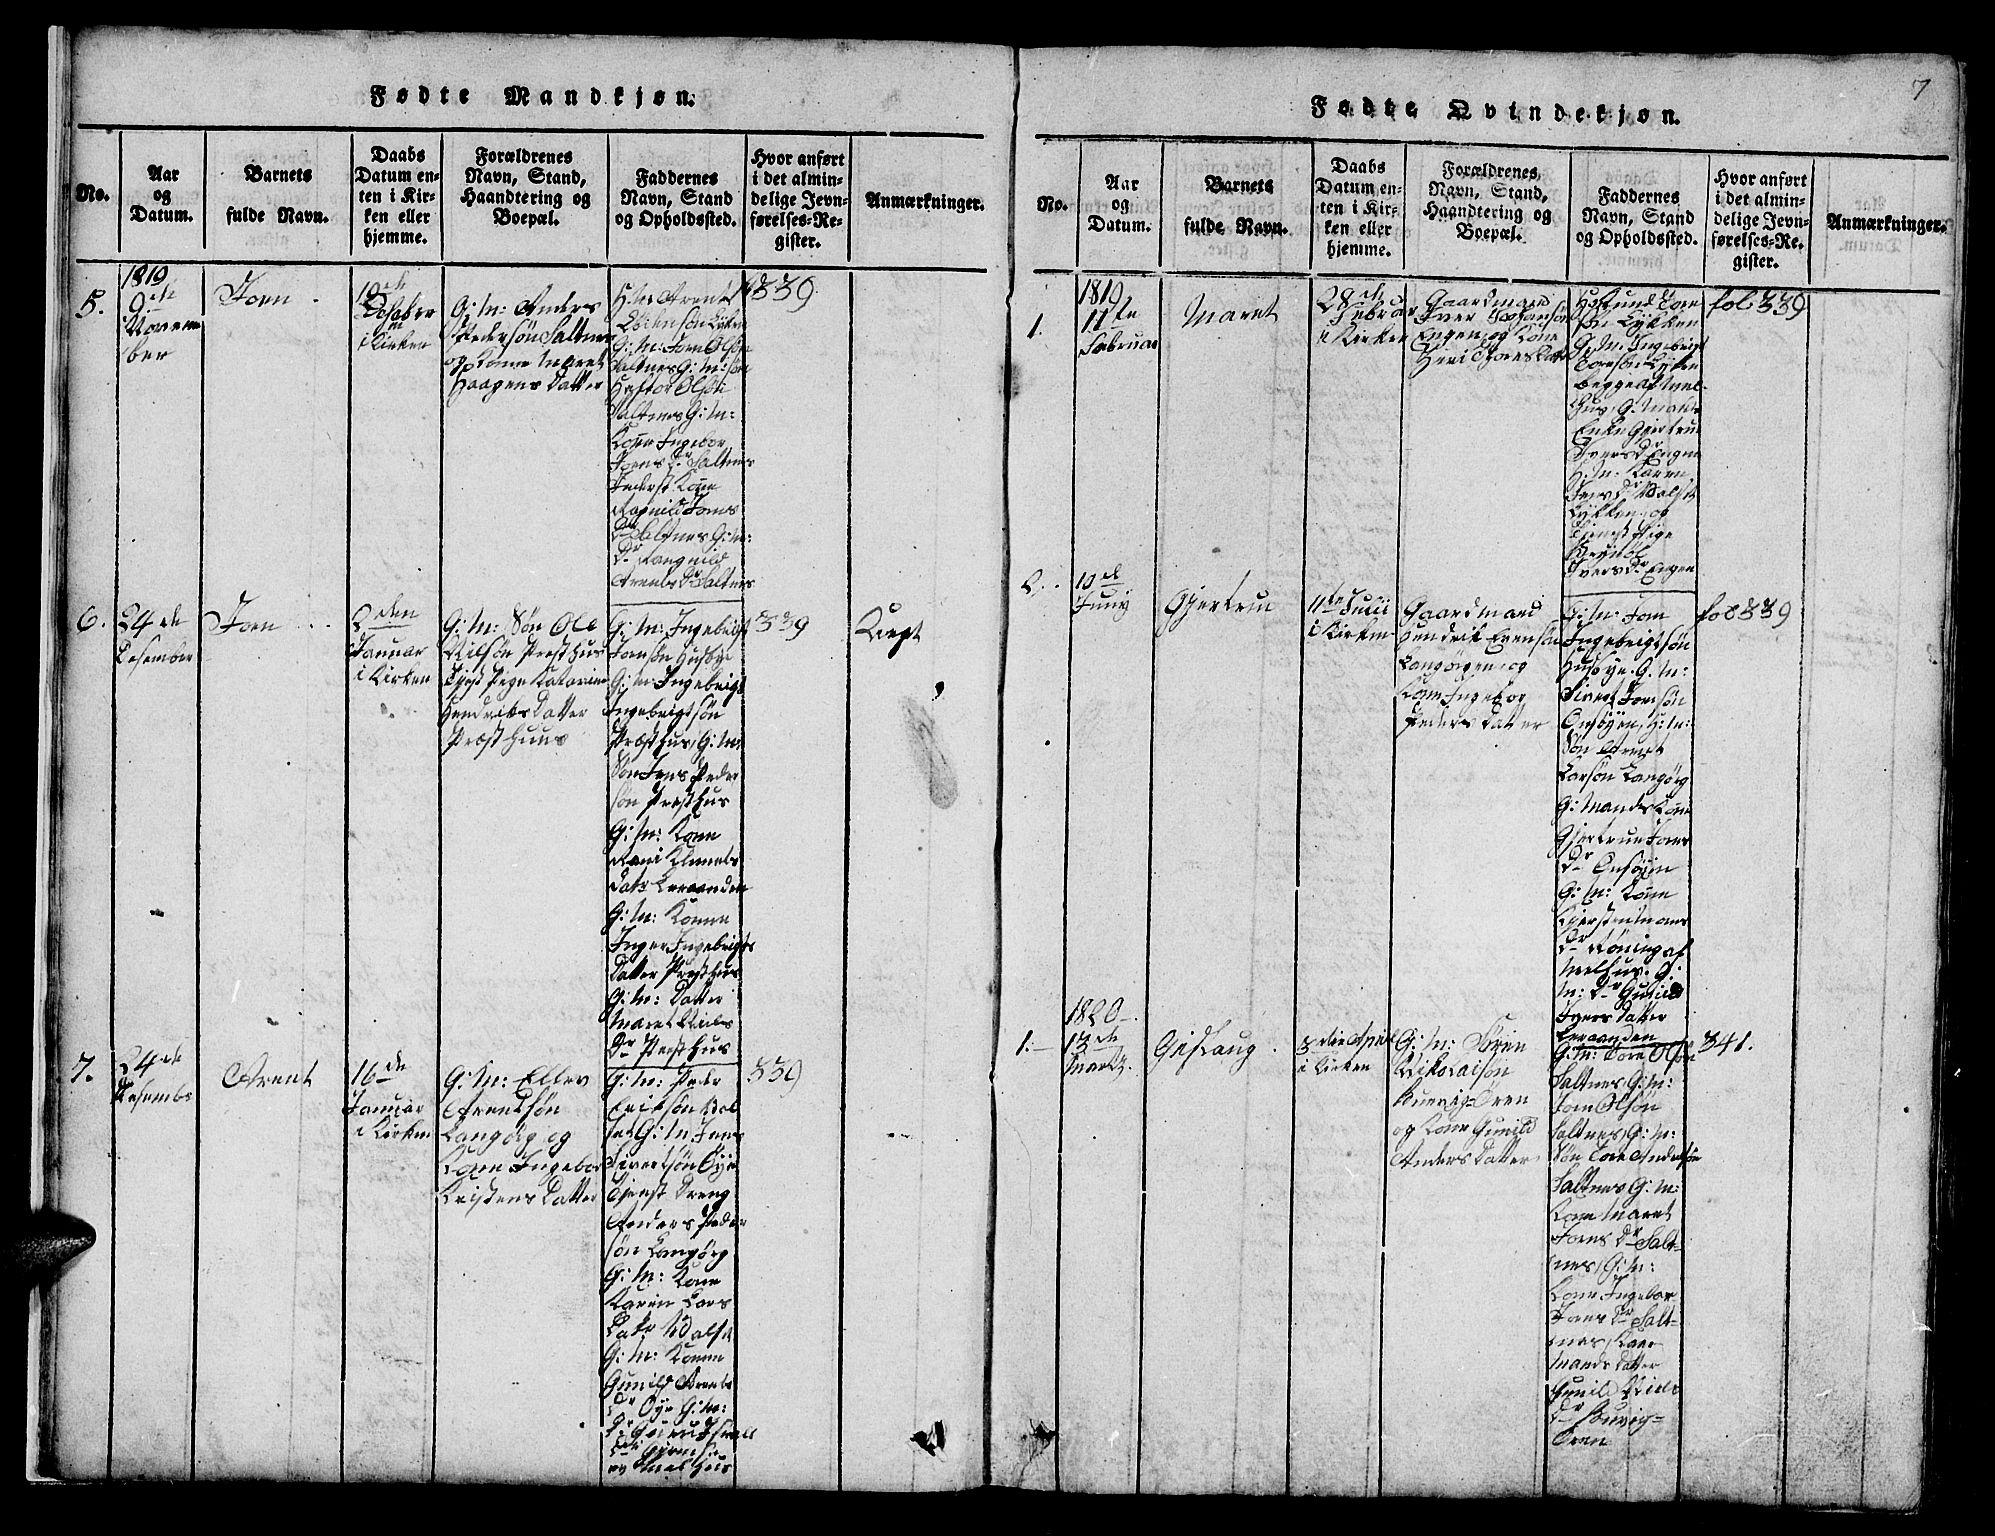 SAT, Ministerialprotokoller, klokkerbøker og fødselsregistre - Sør-Trøndelag, 666/L0788: Klokkerbok nr. 666C01, 1816-1847, s. 7